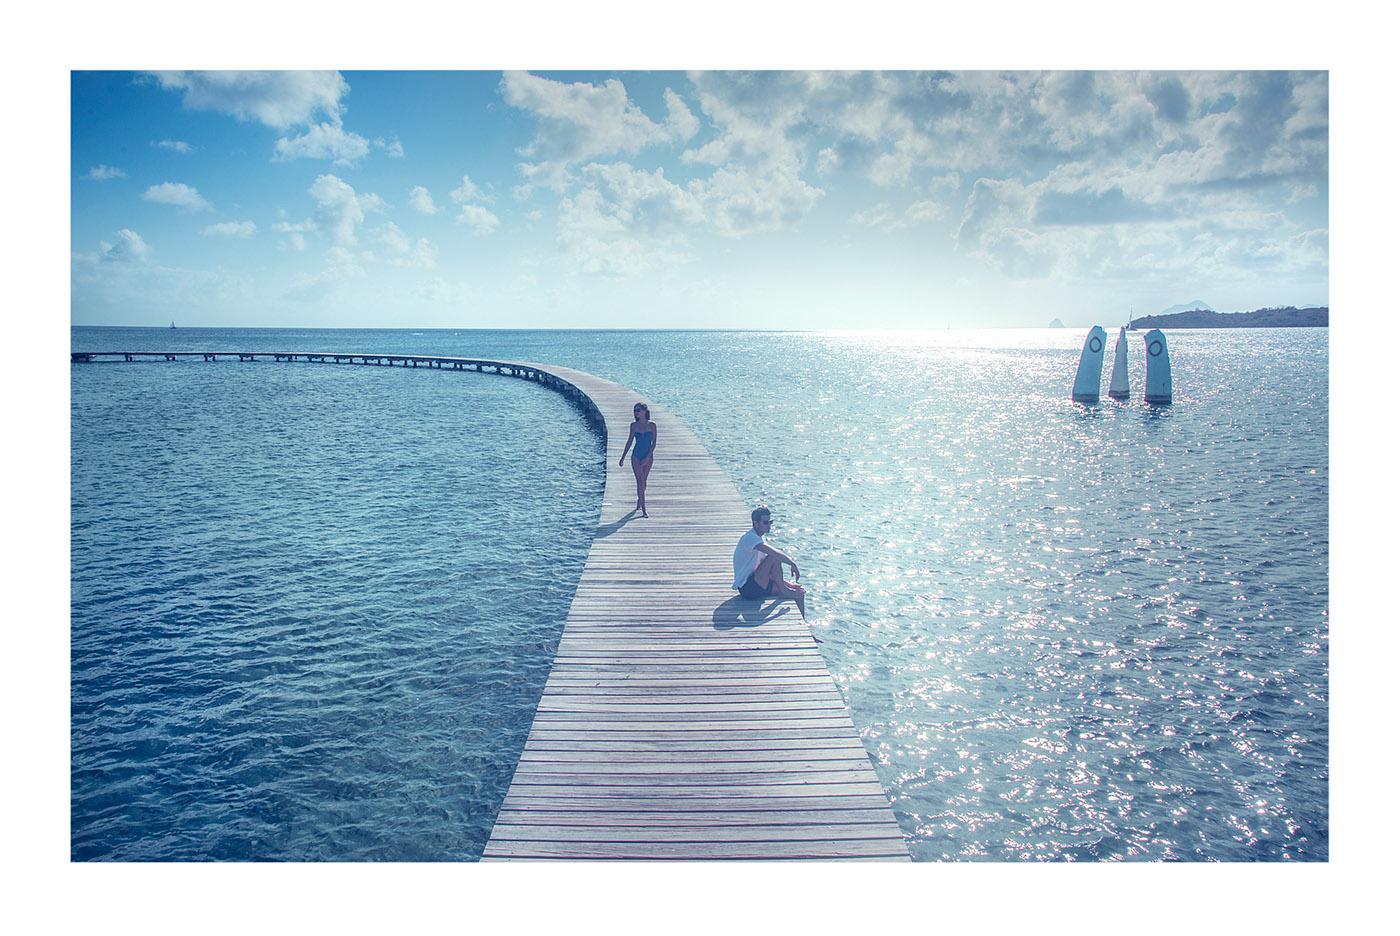 Все, что нужно для счастья / All I Need is Blue / PEYRANNE francois